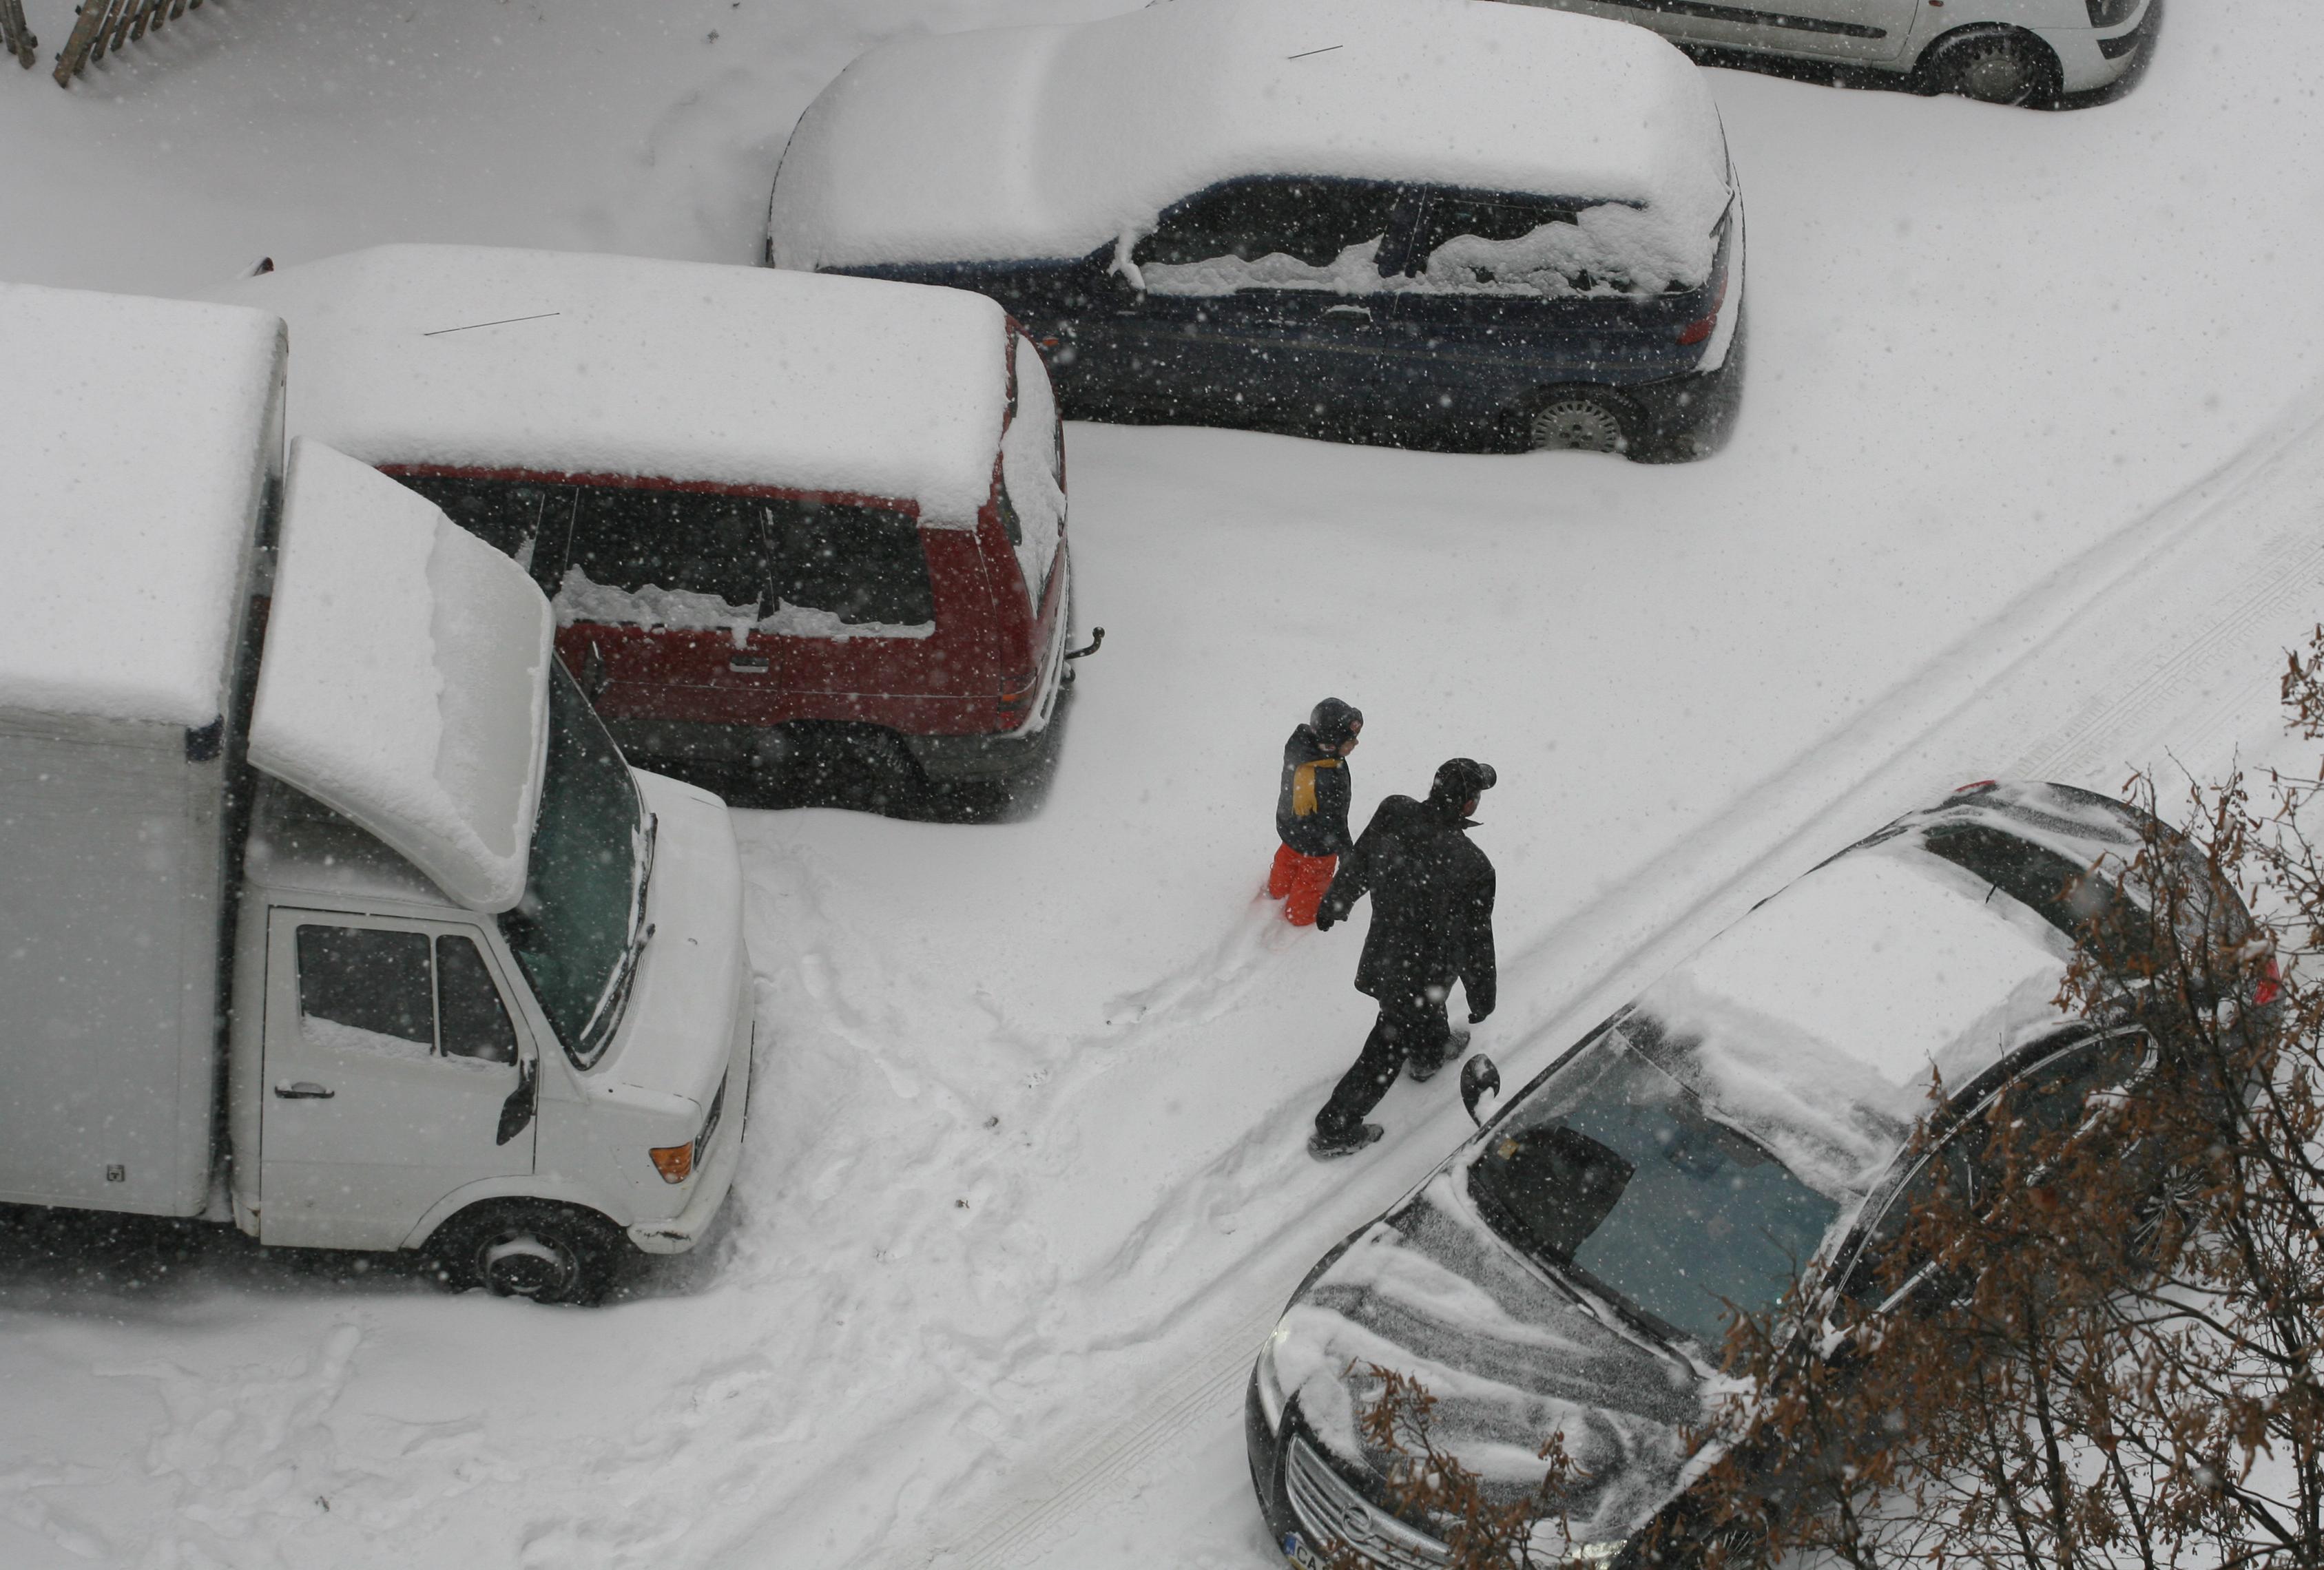 София- блокирана от сняг и затворени улици